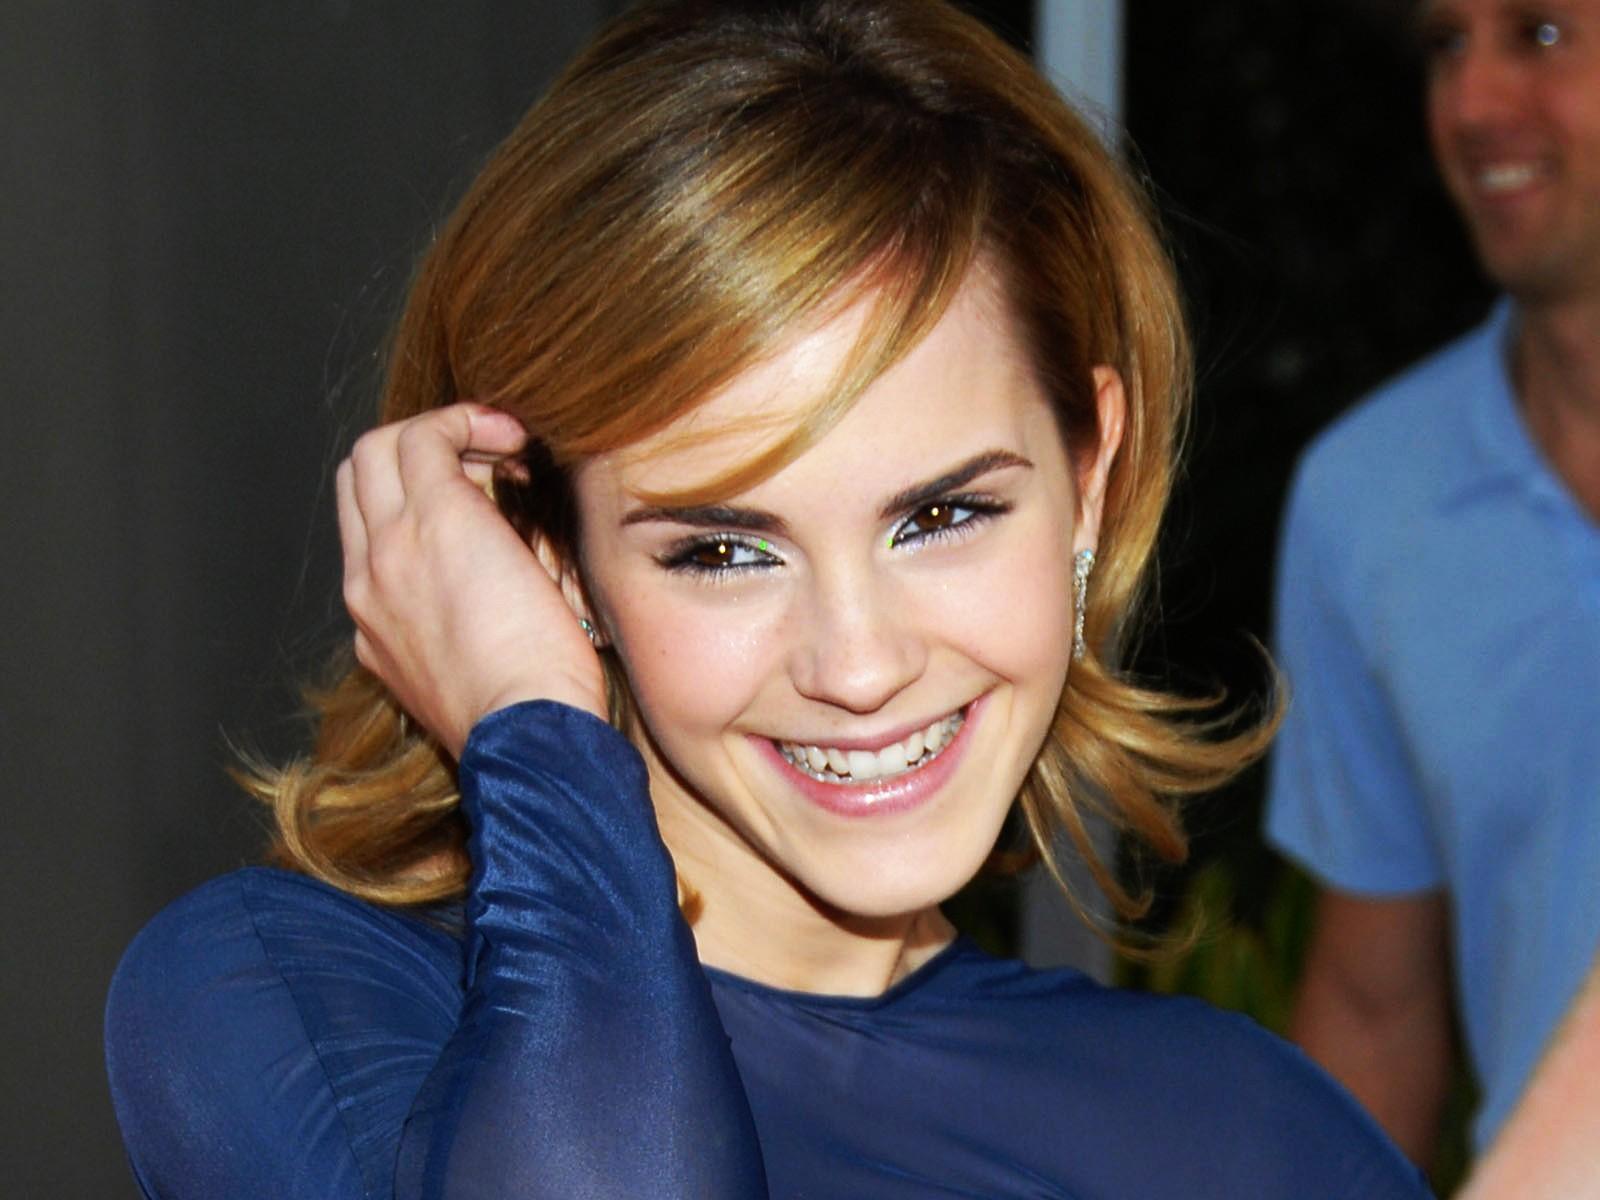 http://4.bp.blogspot.com/-UDb6tnggb34/URO0dITvDpI/AAAAAAAAALU/mKlU9fxU6KM/s1600/Emma+Watson+Unseen+HQ+Photos.jpg